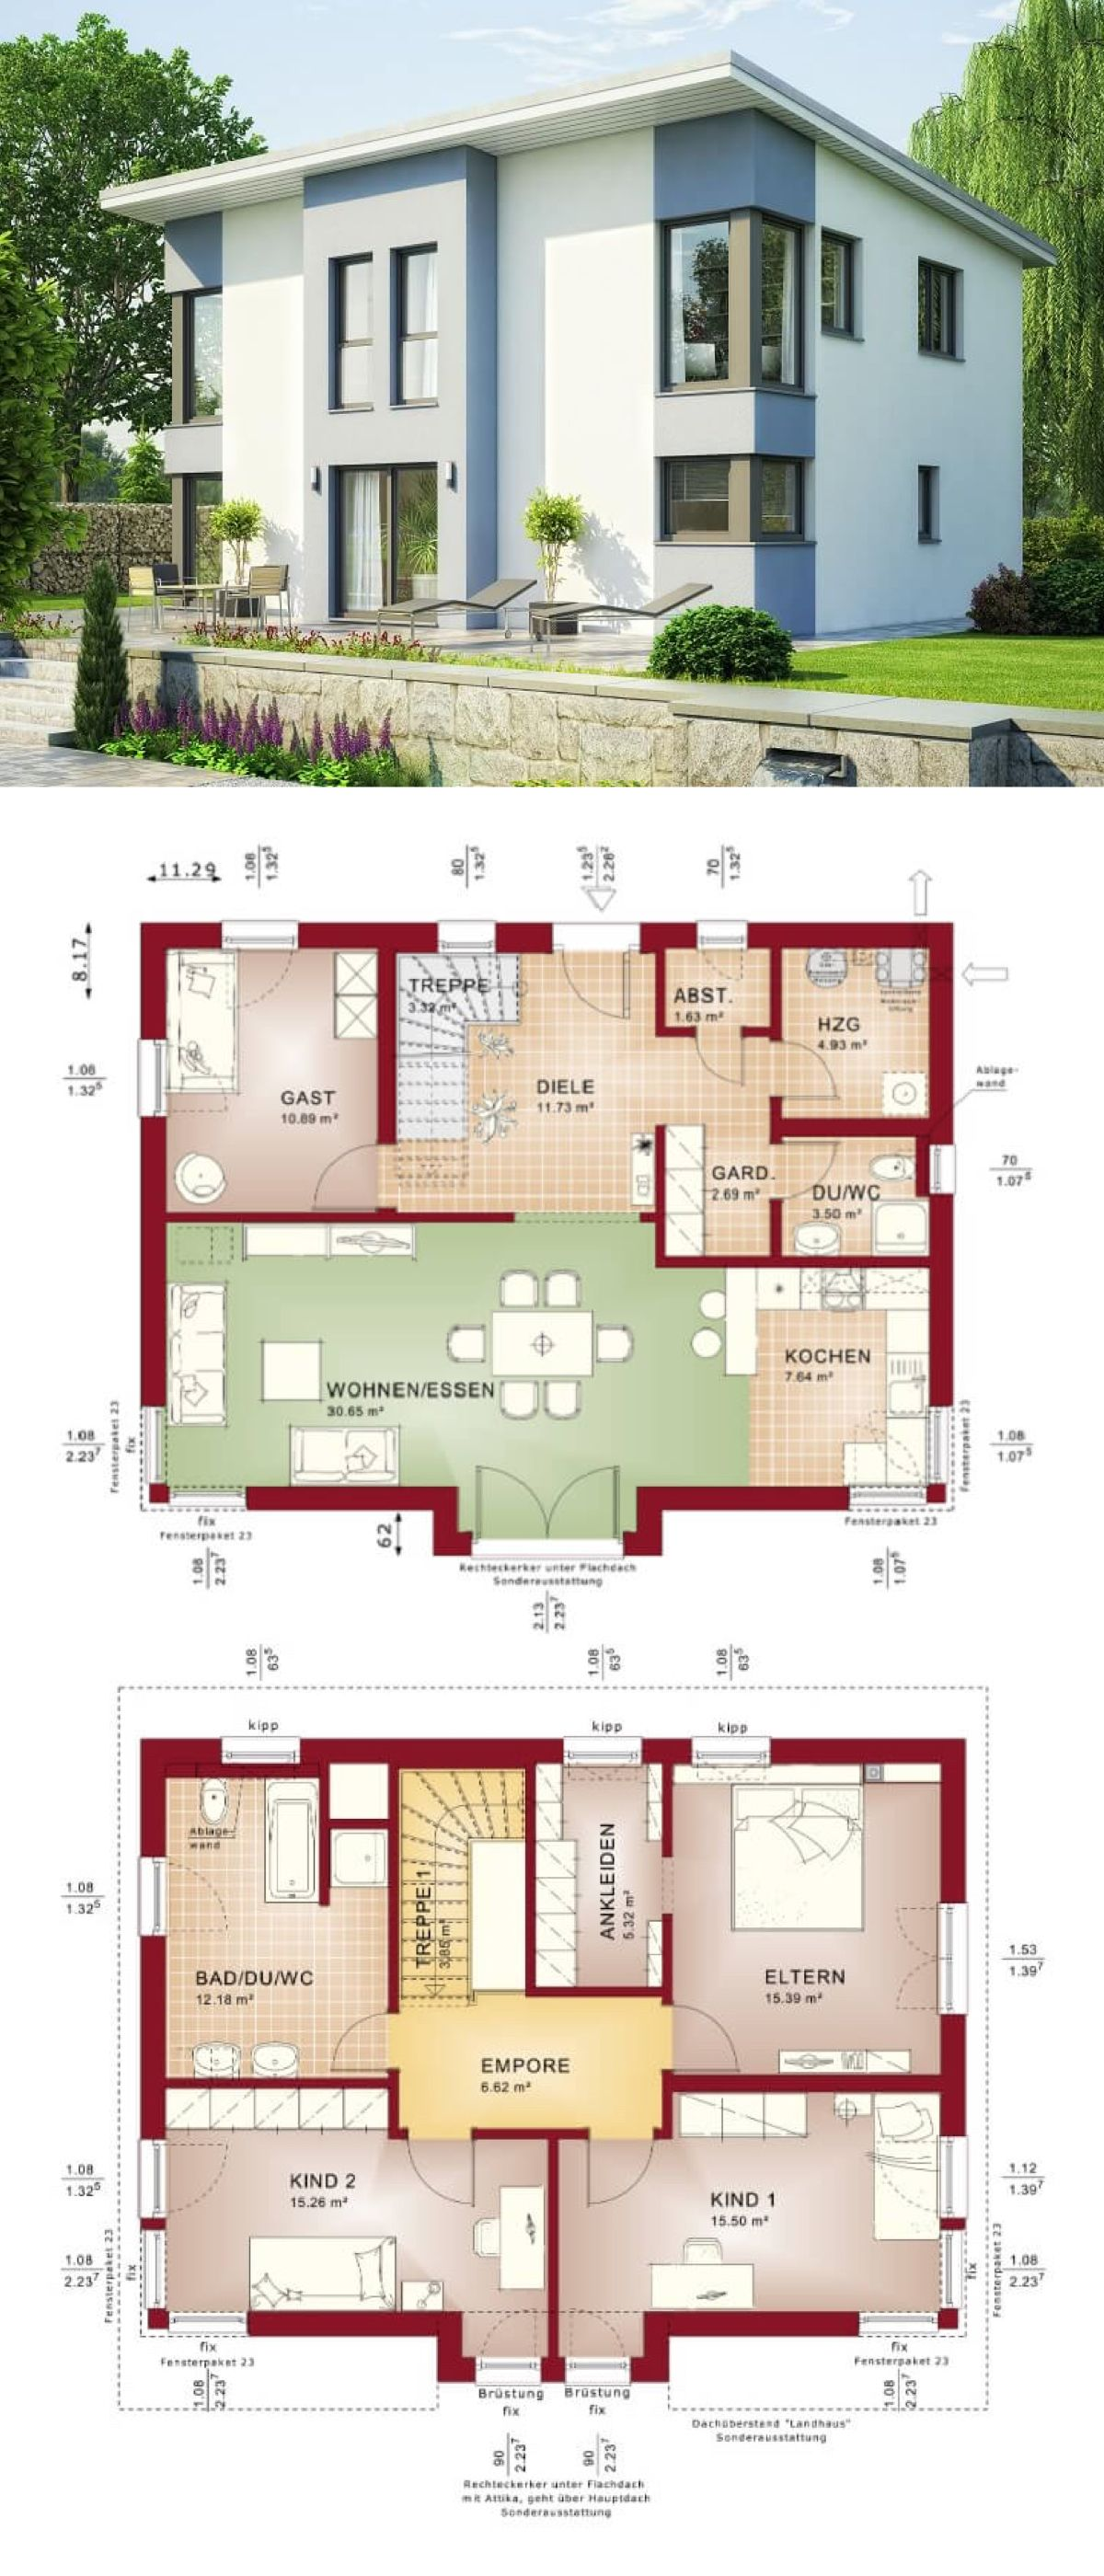 Pultdachhaus Architektur Modern Mit Erker Haus Bauen Grundriss